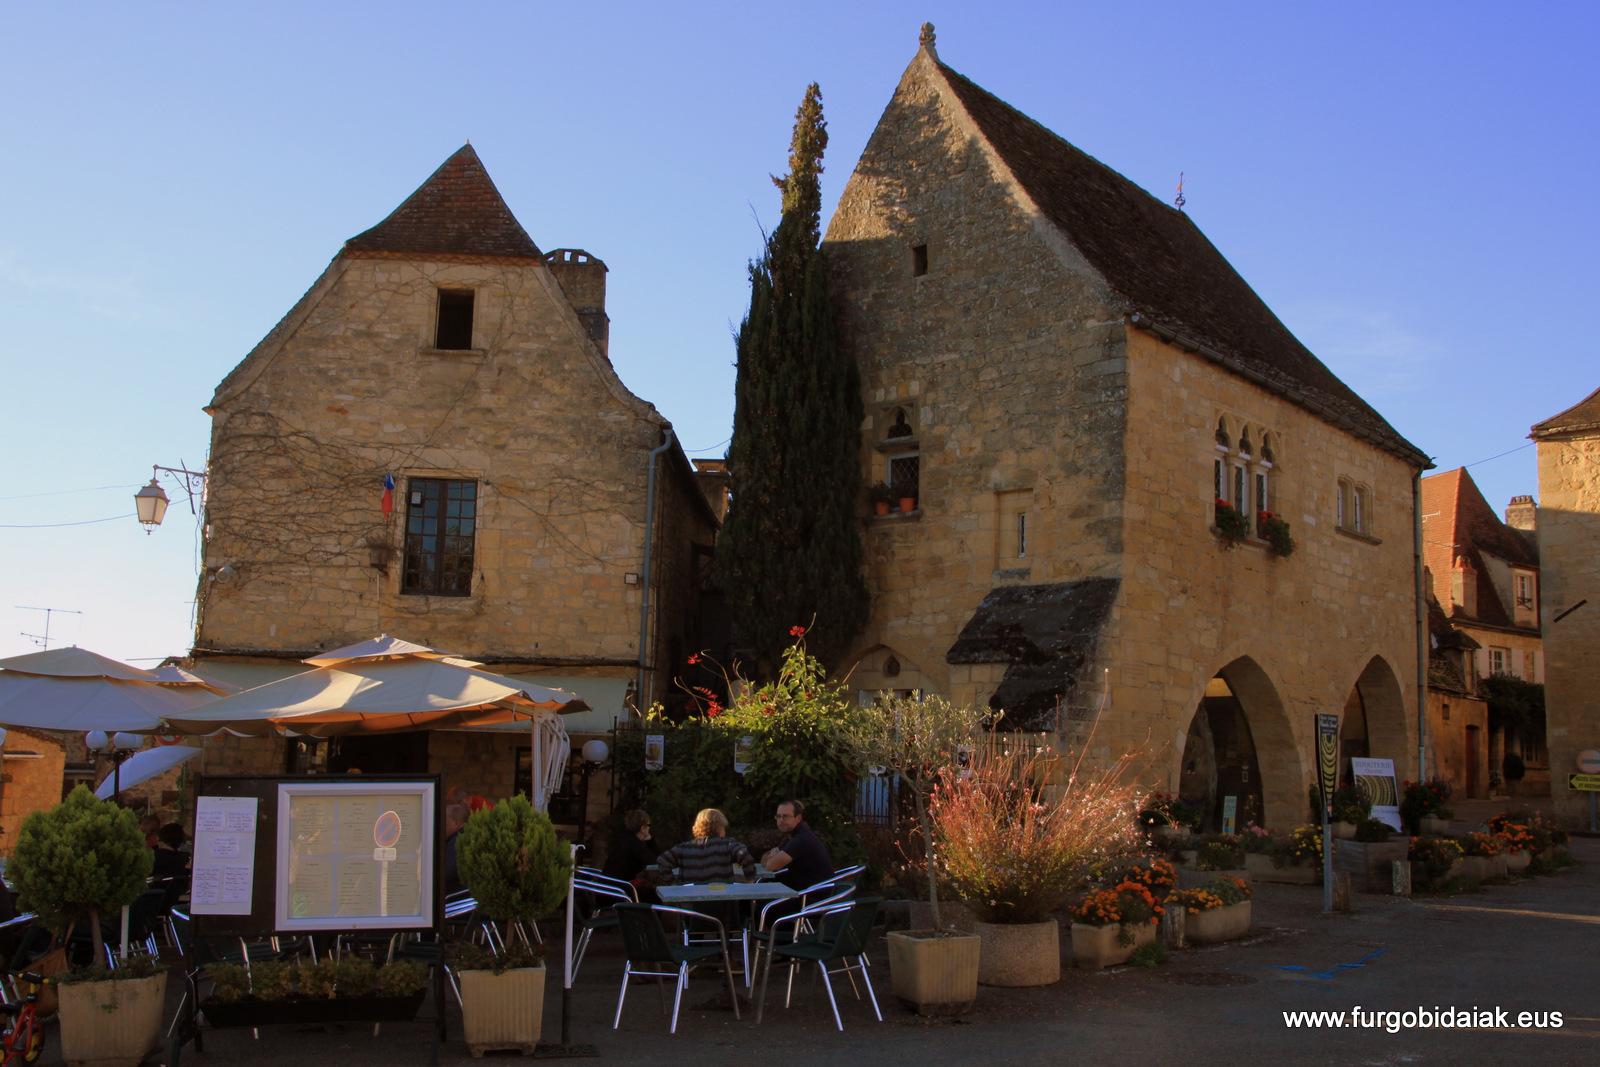 Maison de la monai Domme Dordogne